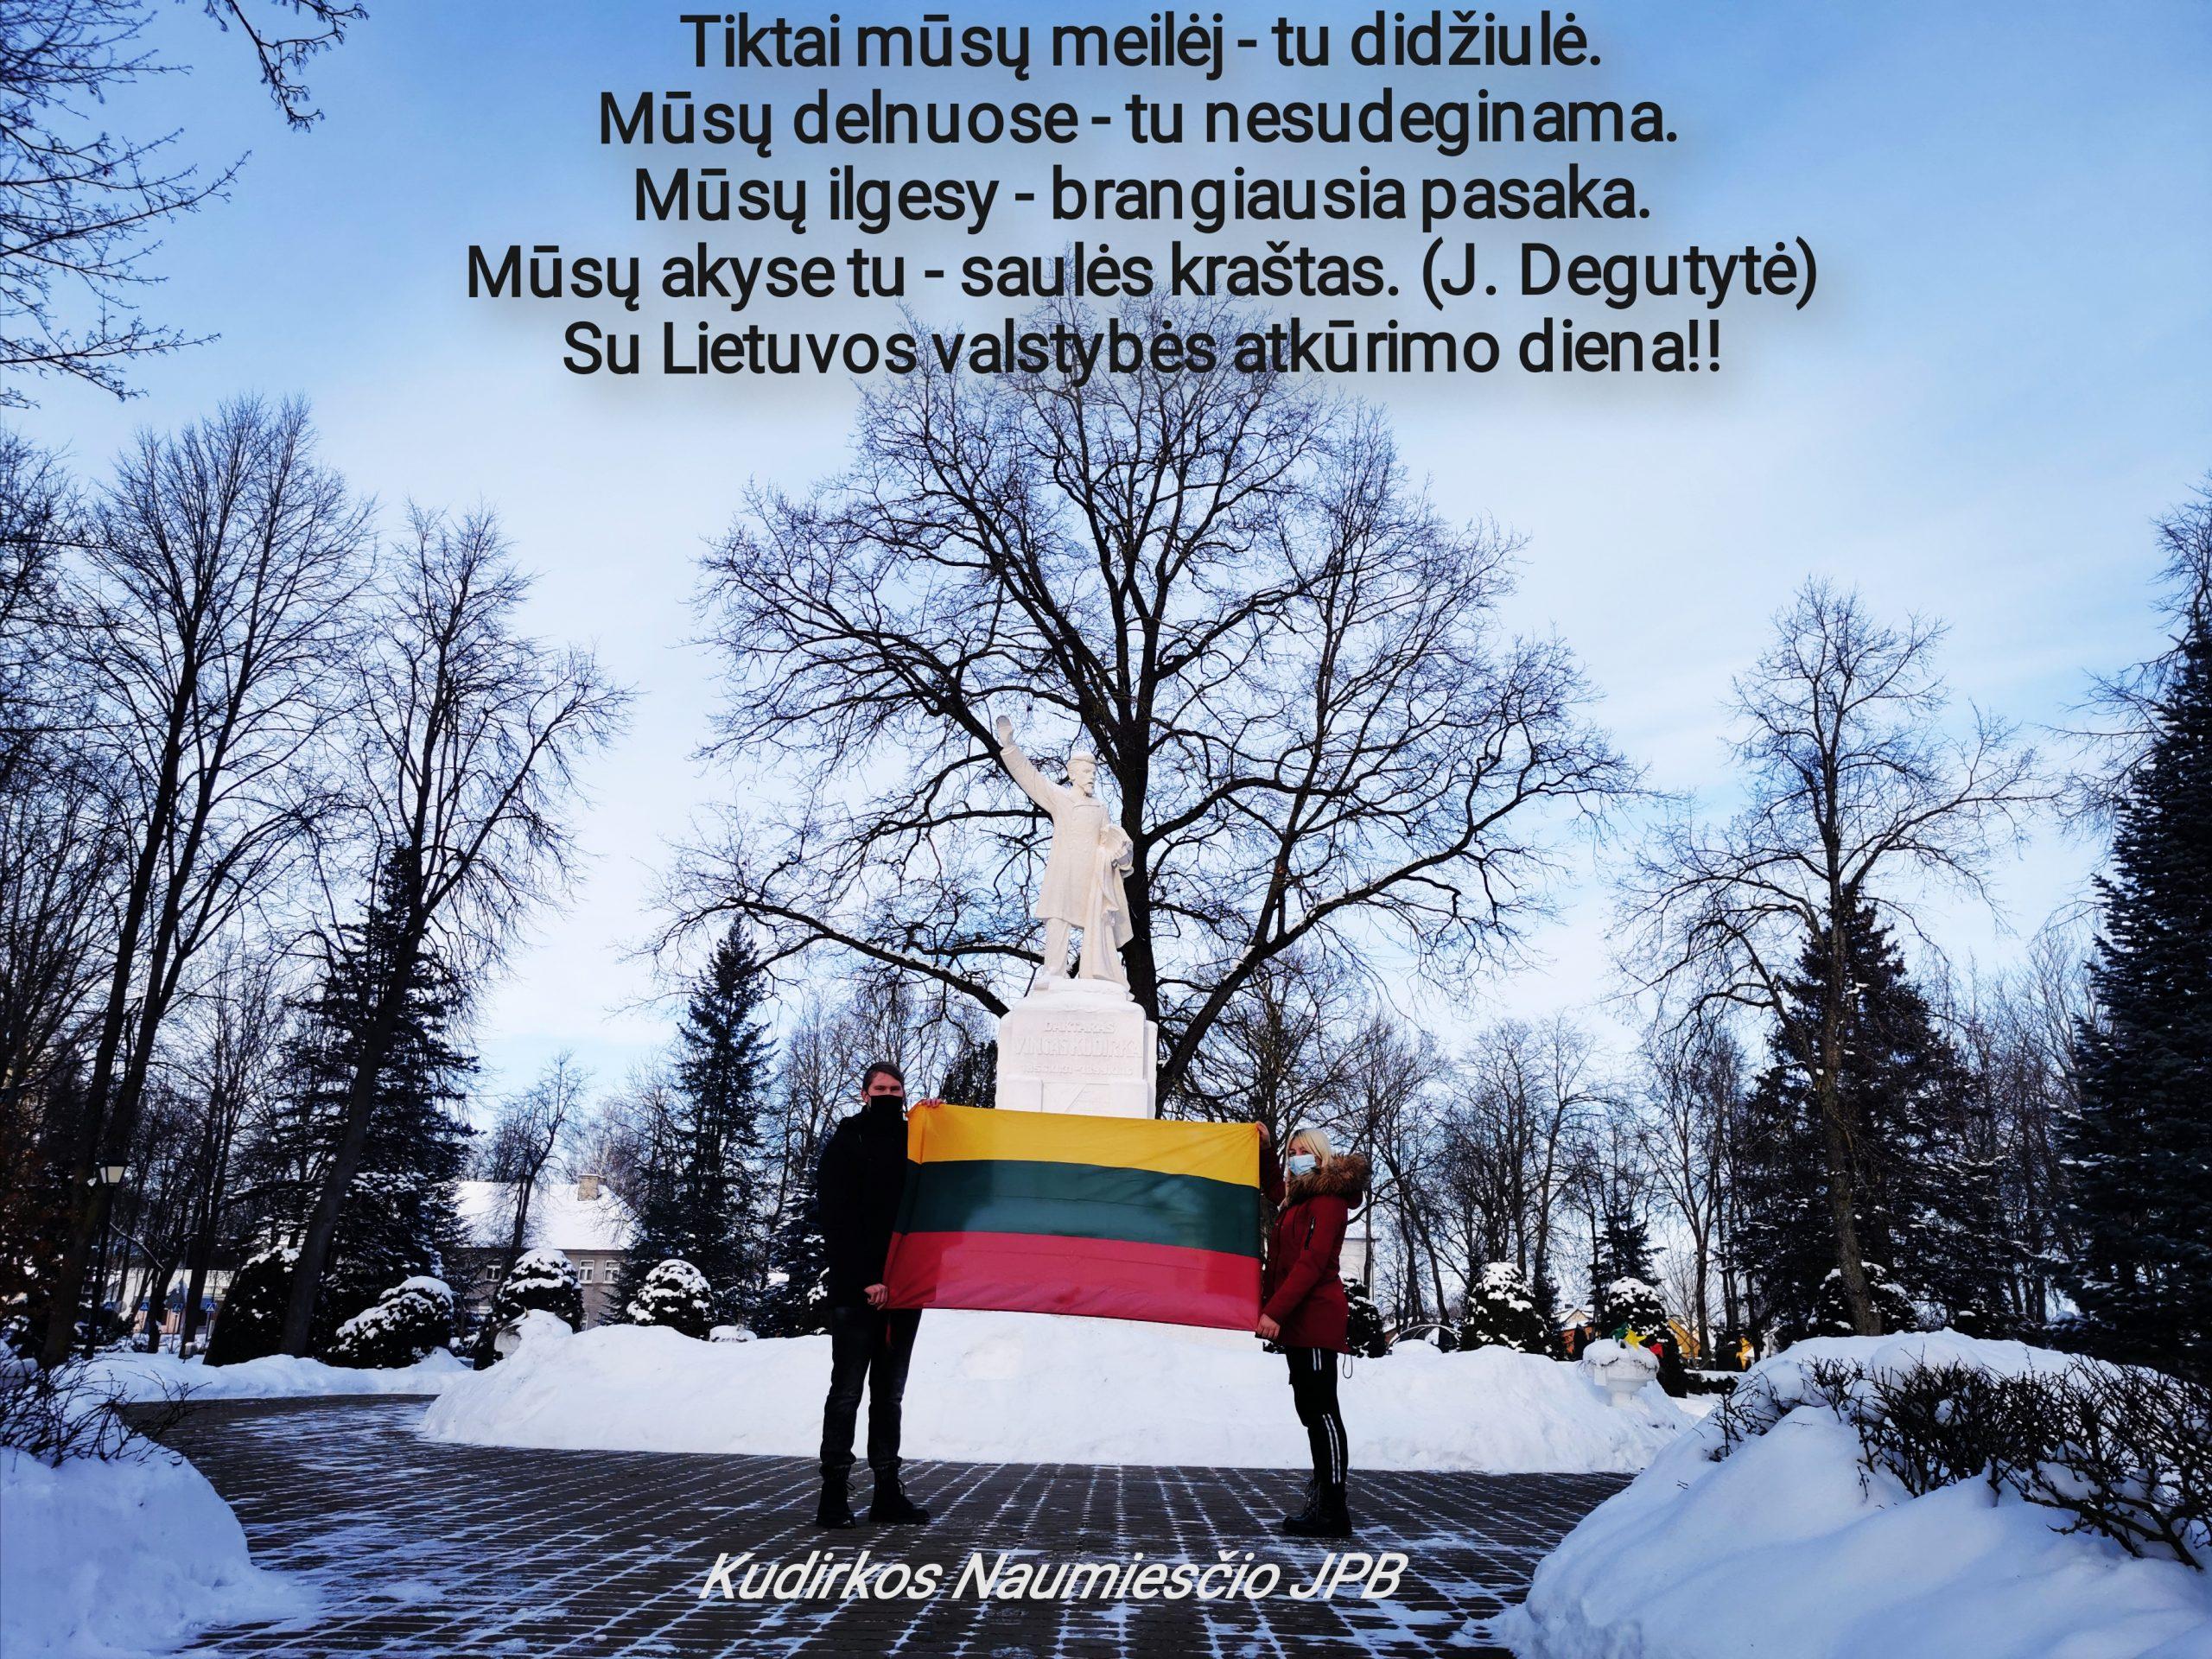 Kudirkos Naumiesčio JPB sveikina su Lietuvos valstybės atkūrimo diena!